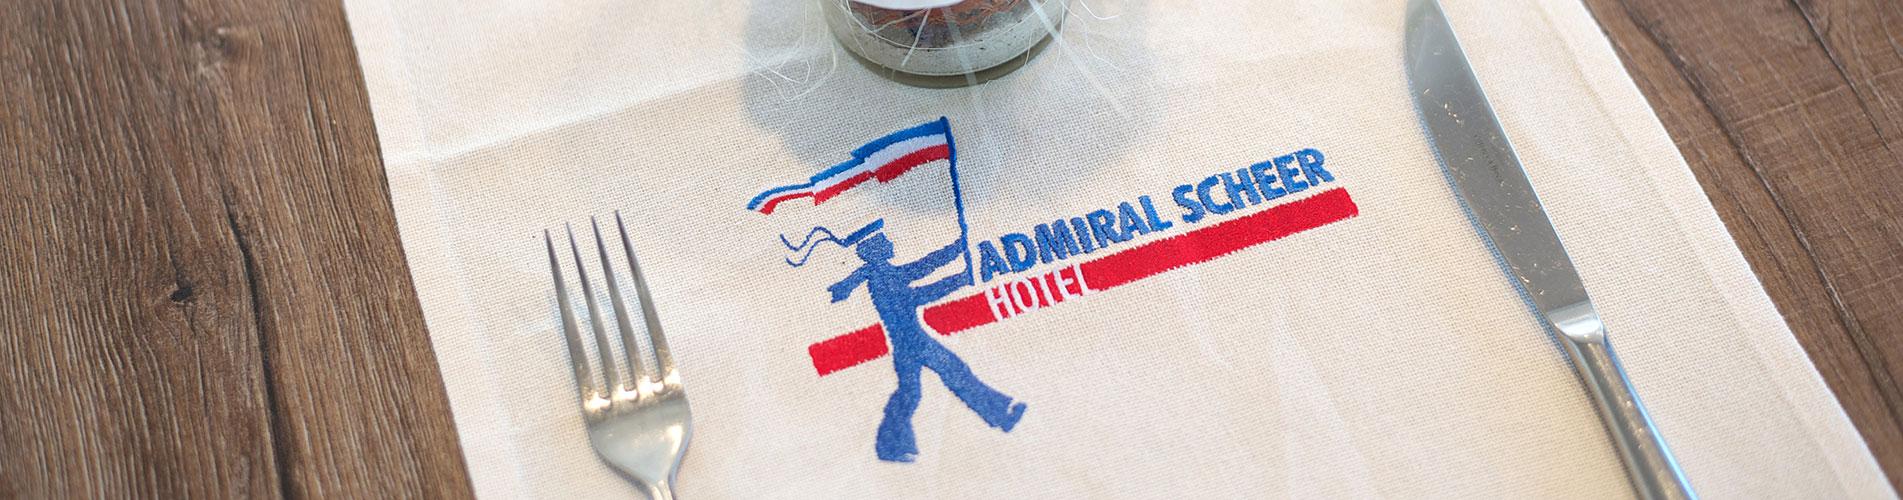 Hotel Admiral Scheer Stellenangebote